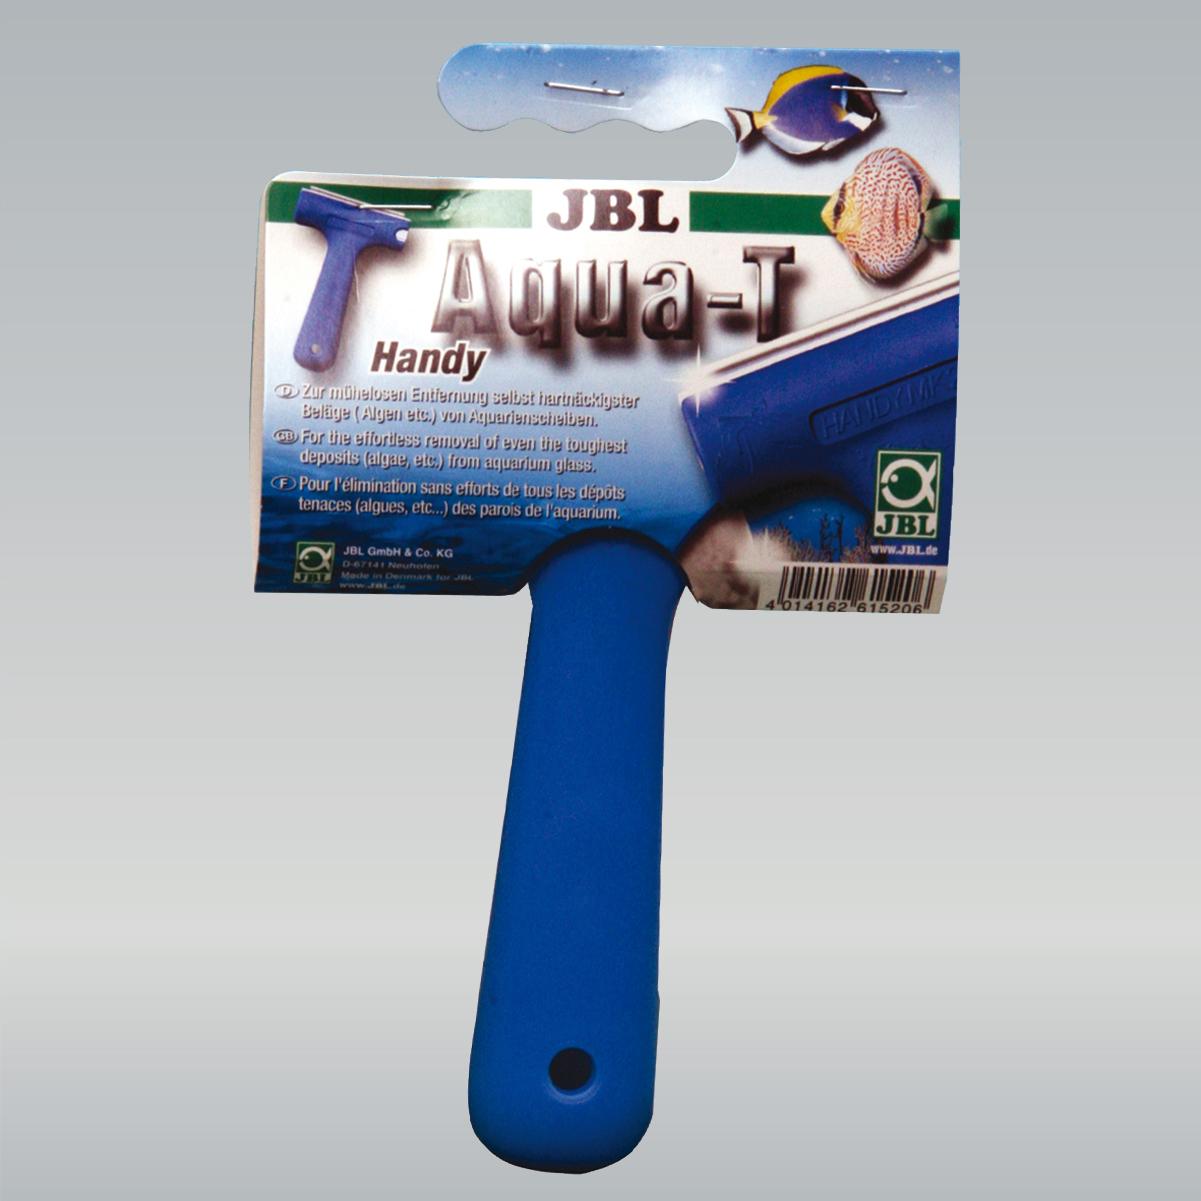 JBL Aqua-T Handy 6152000